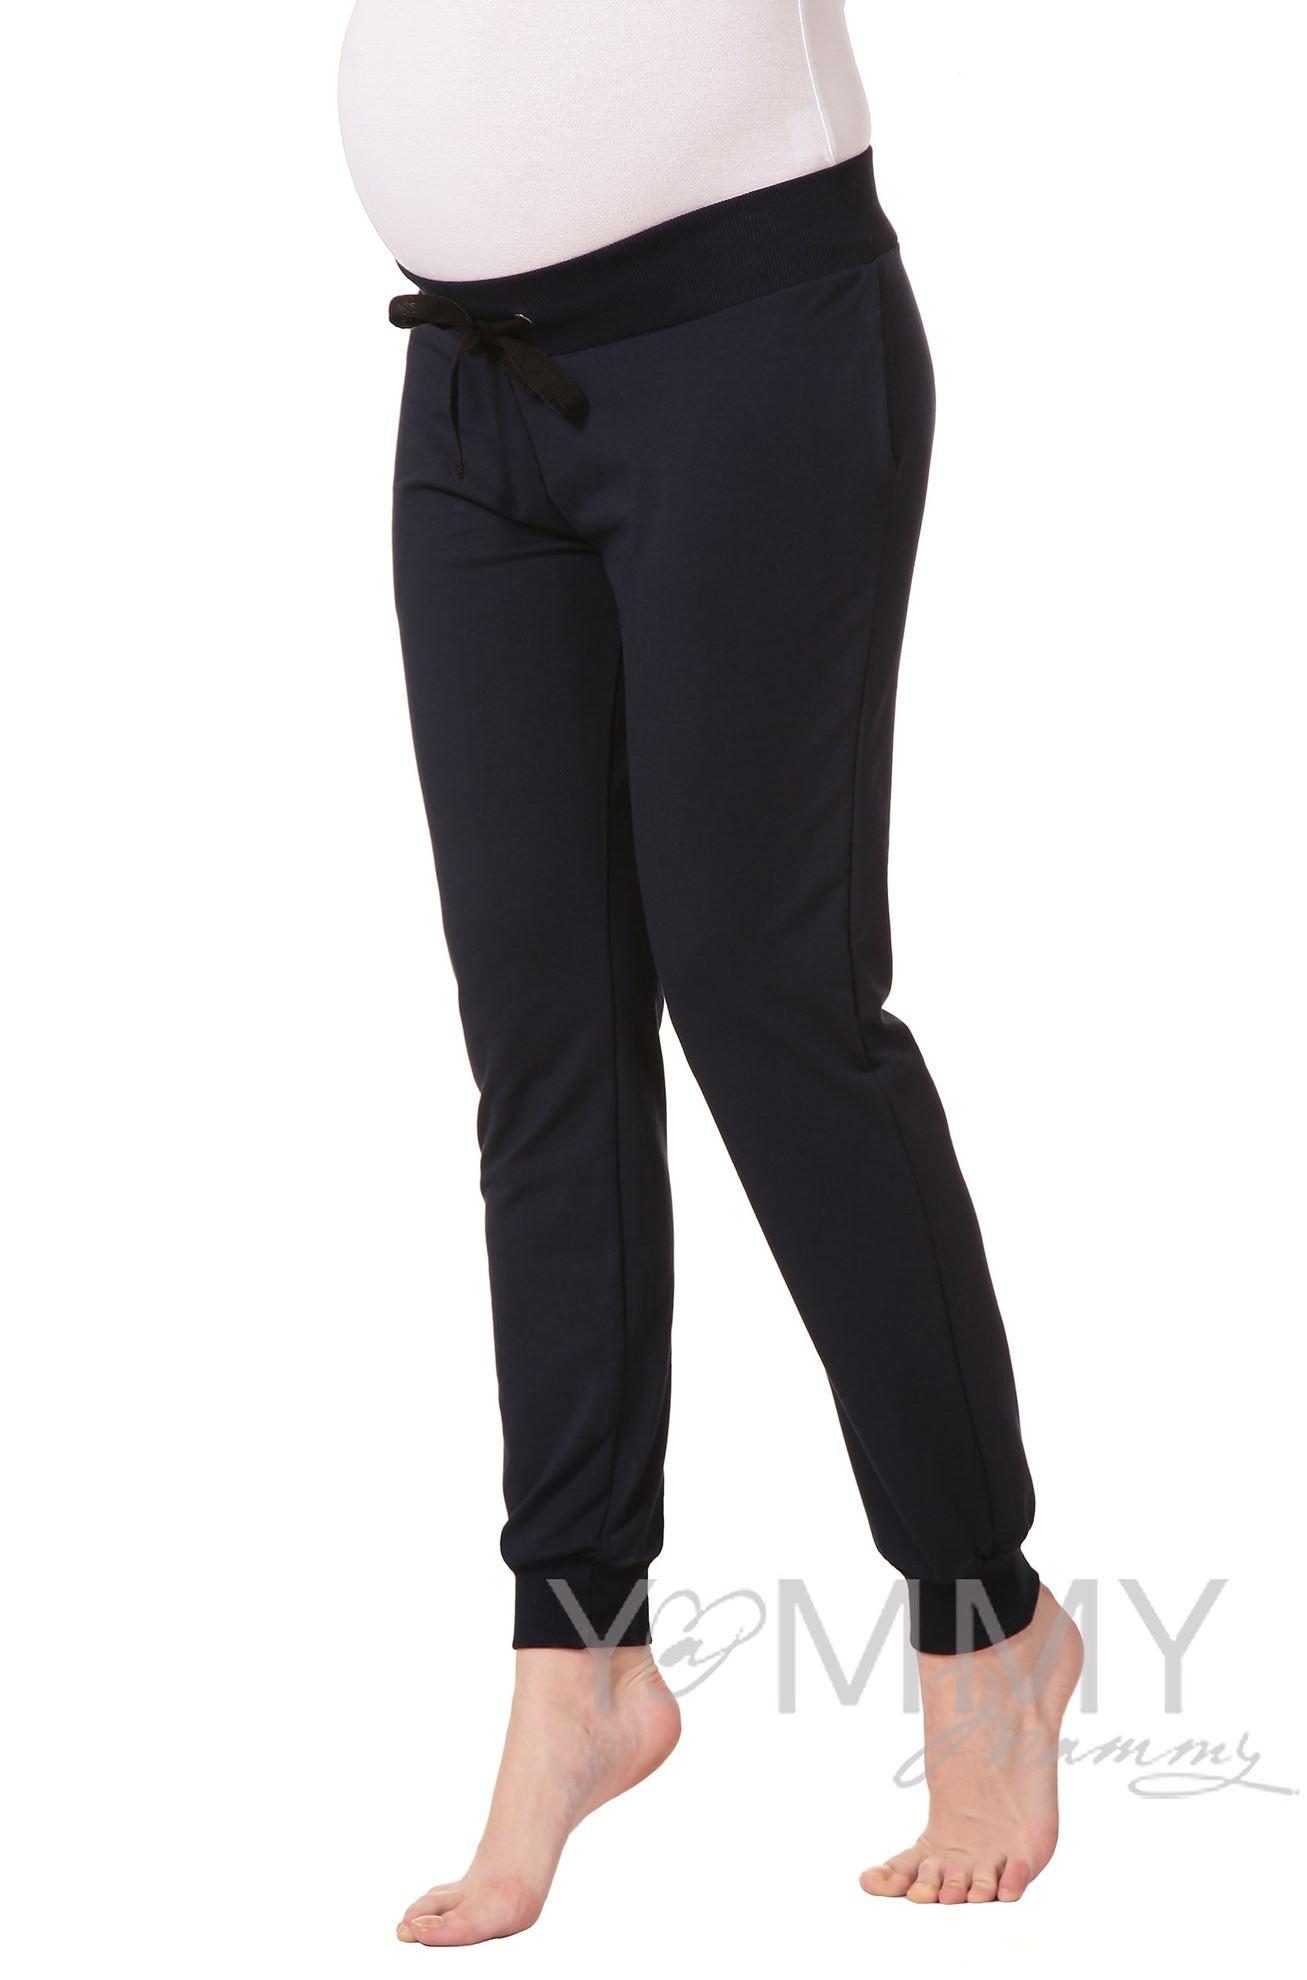 Изображение                               Универсальные спортивные брюки из футера темно-синие